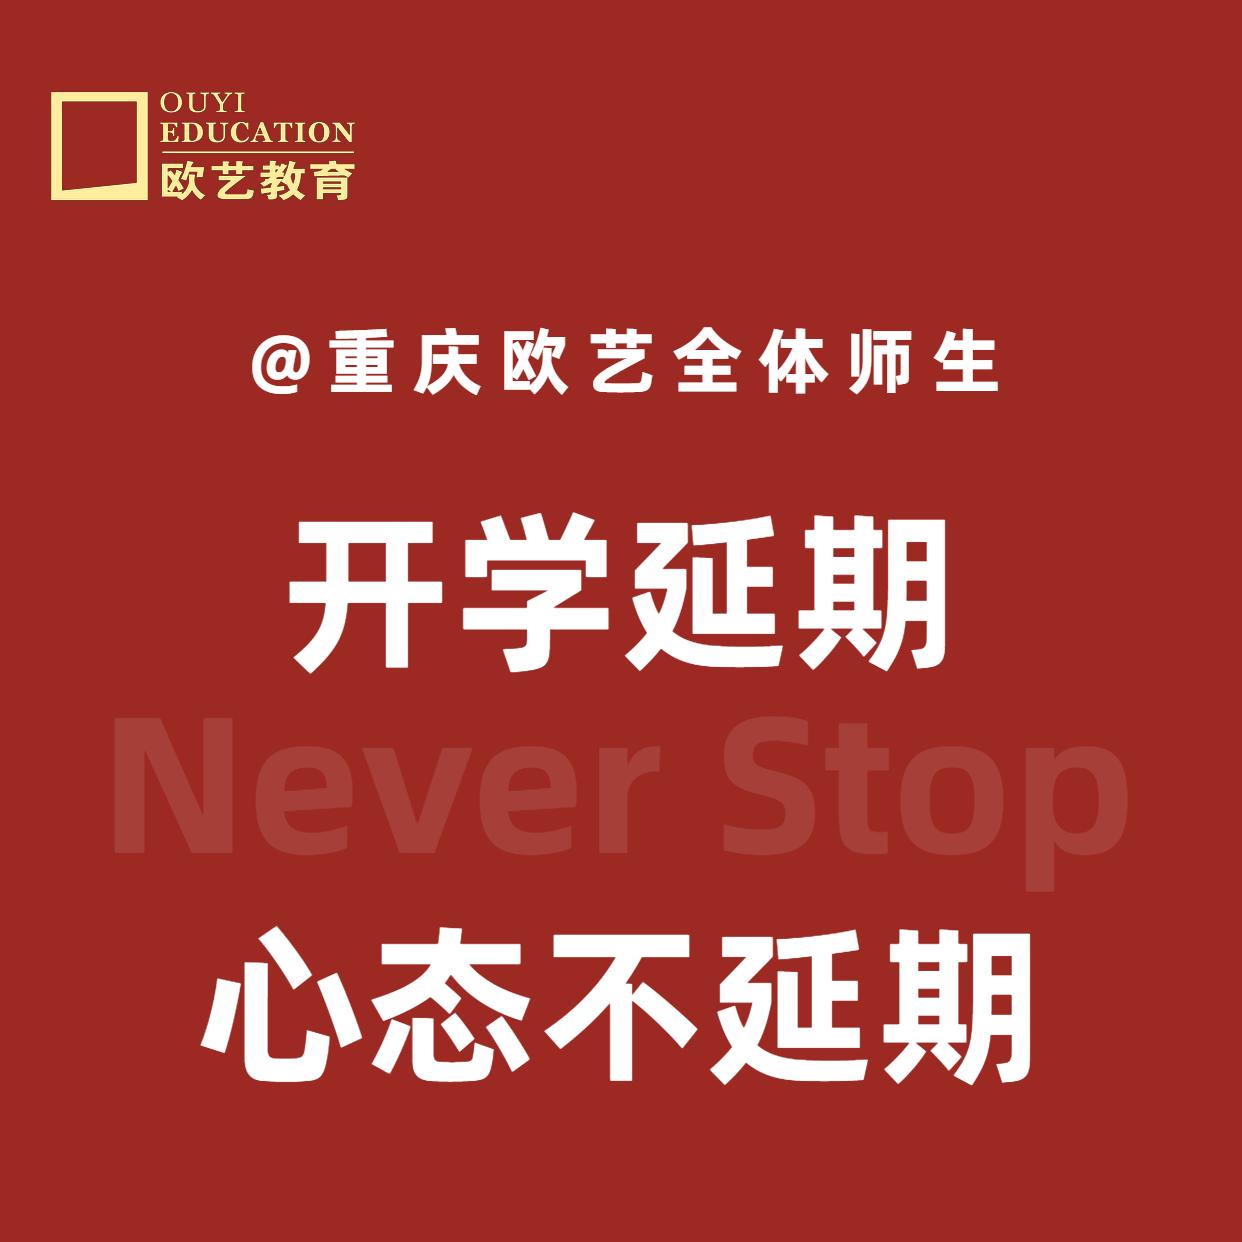 重庆欧艺职校,停课不停学,助防疫攻坚,我们在行动